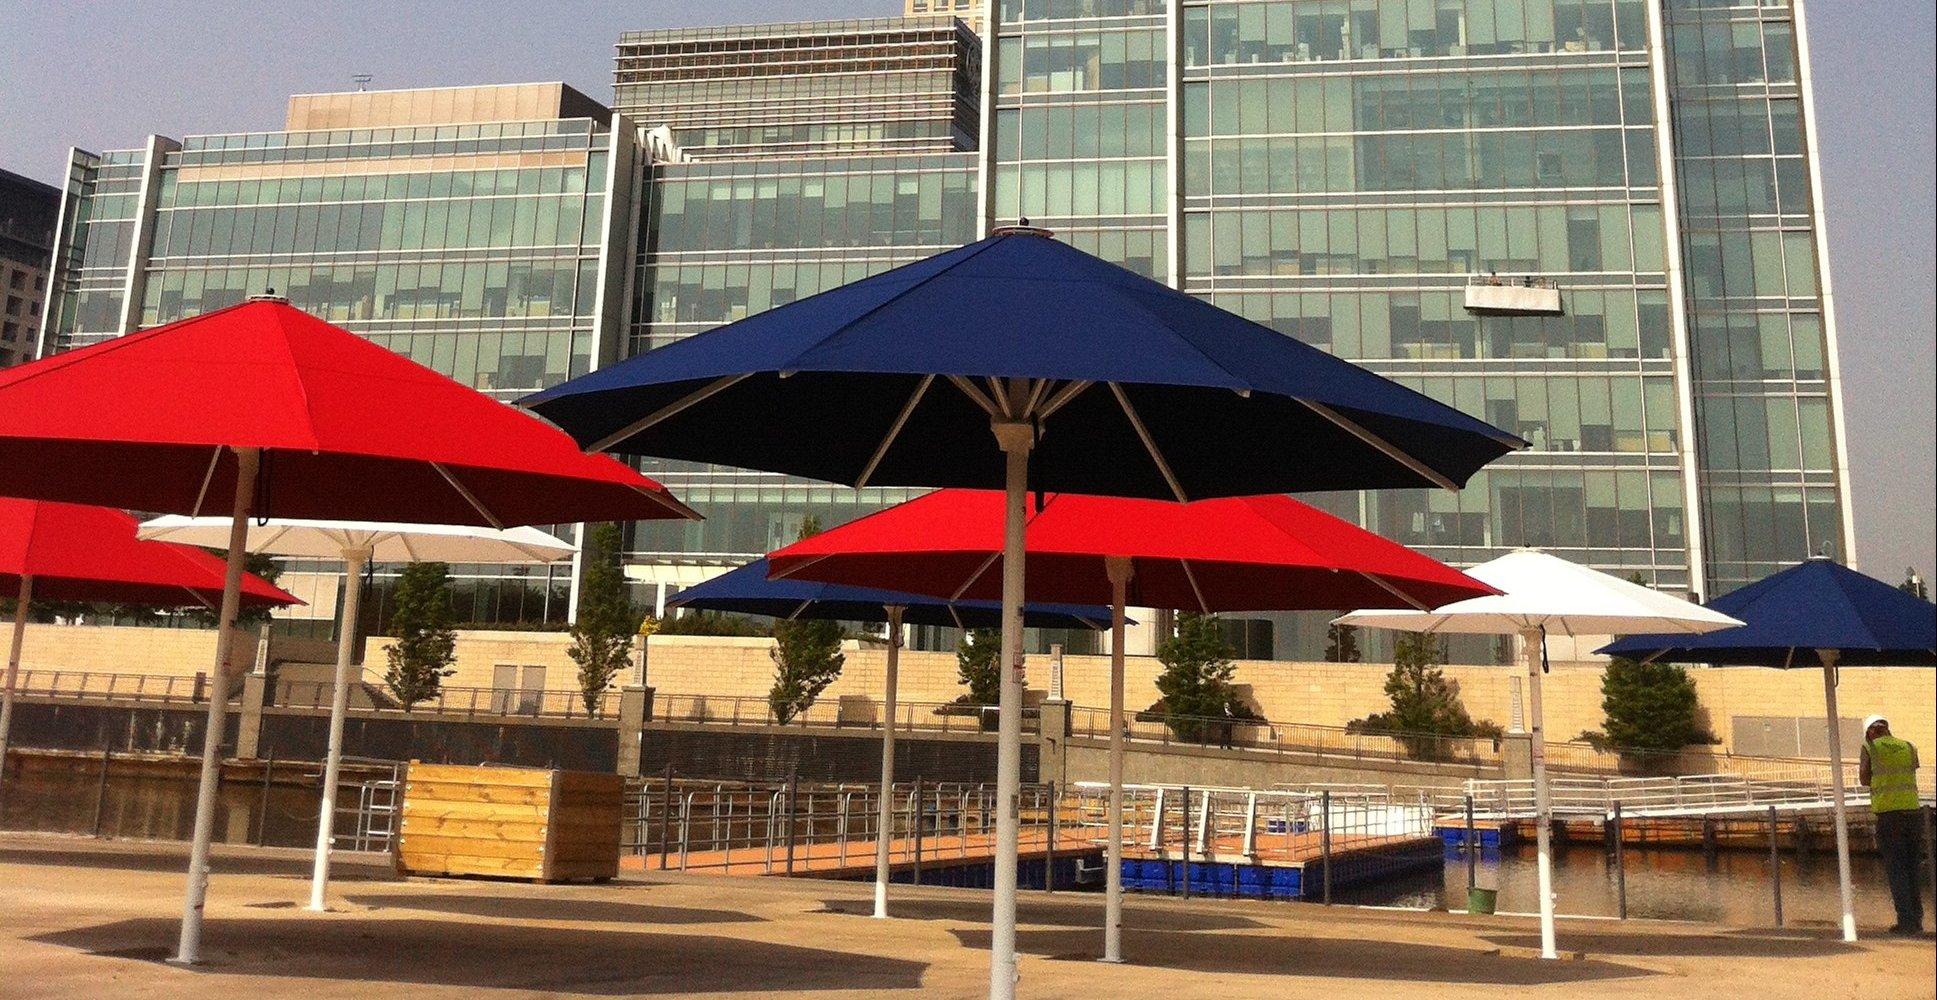 Giant Parasols Canary Wharf Olympics 2012